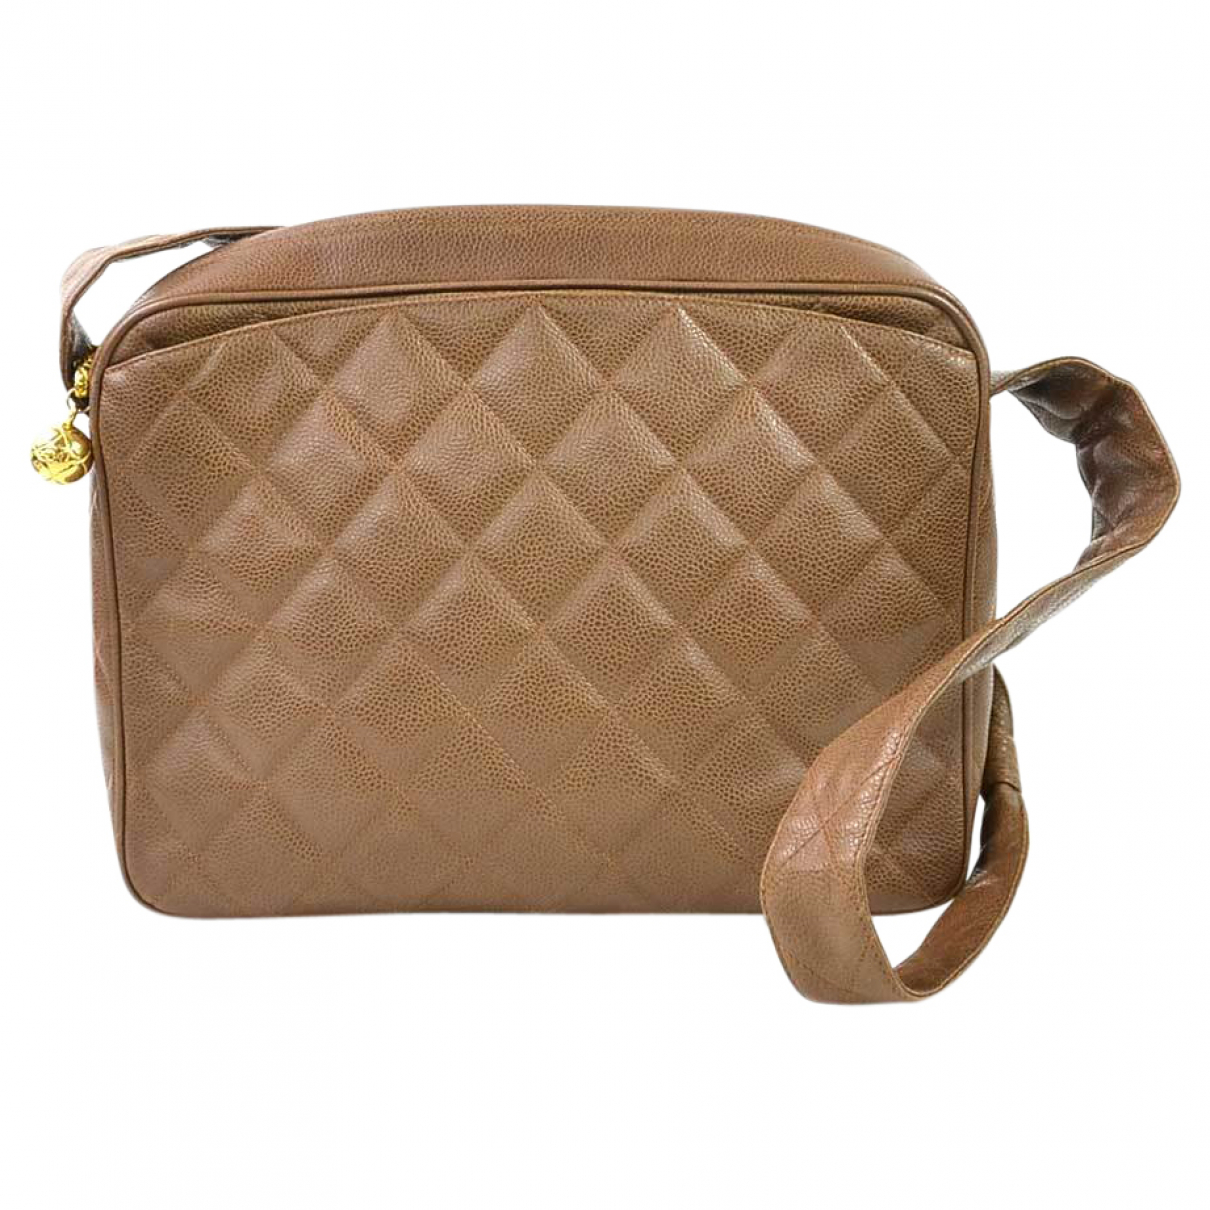 Chanel - Sac a main   pour femme en cuir - marron